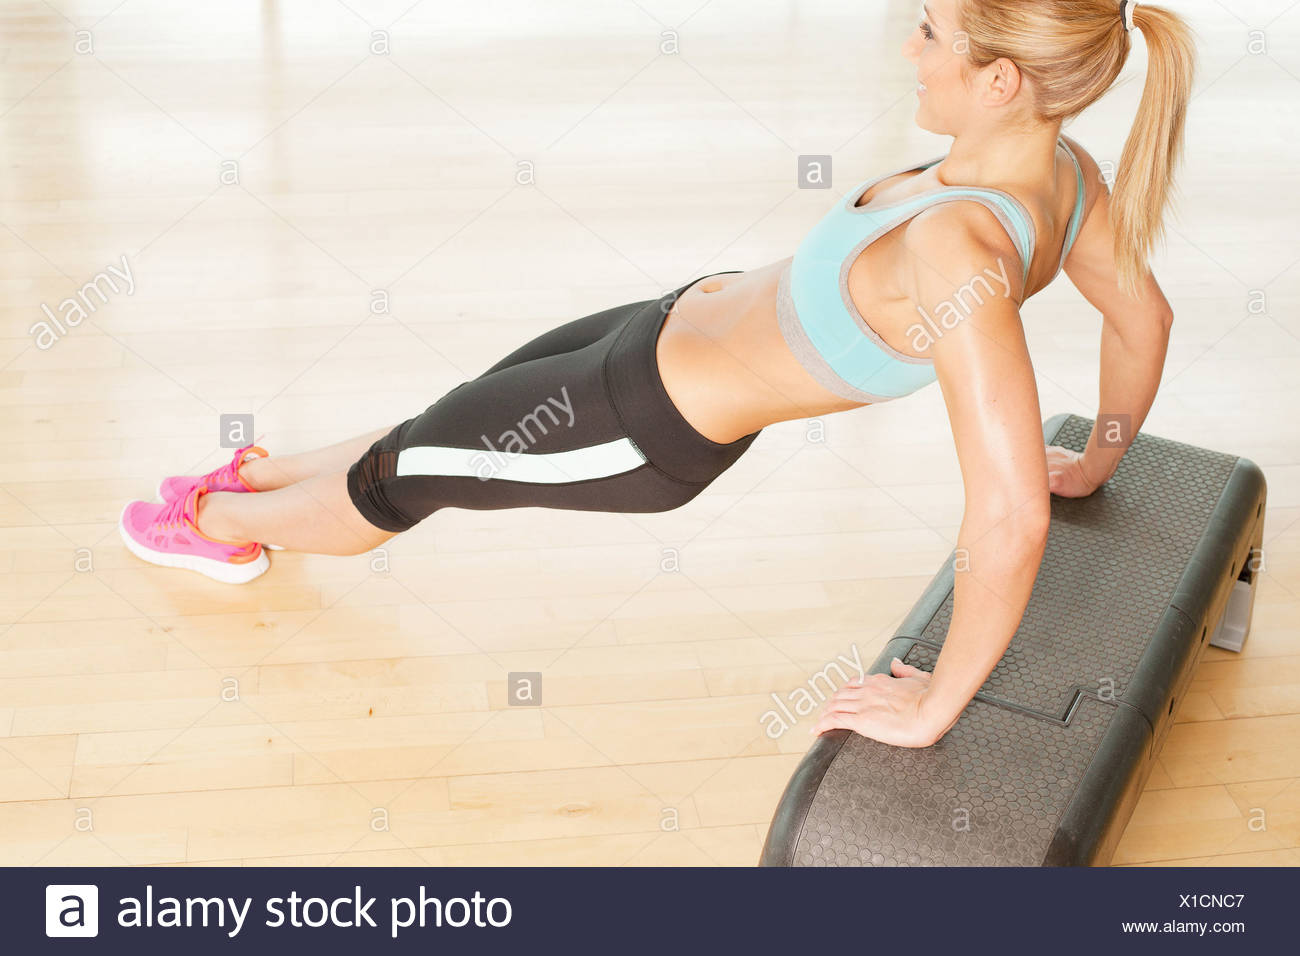 La donna si allunga a passo Immagini Stock